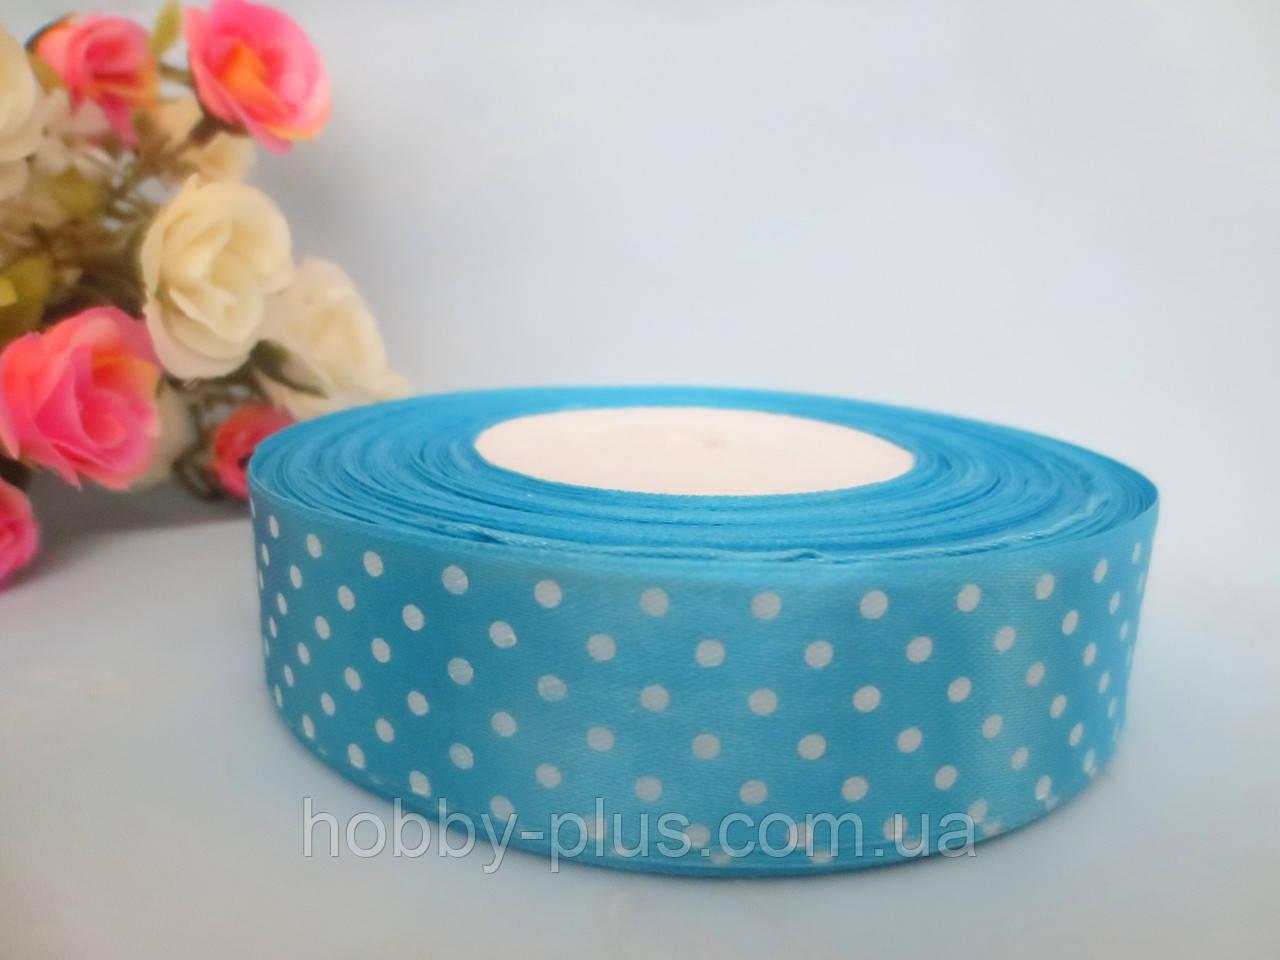 Атласная лента в горошек 2,5 см, цвет небесно-голубой